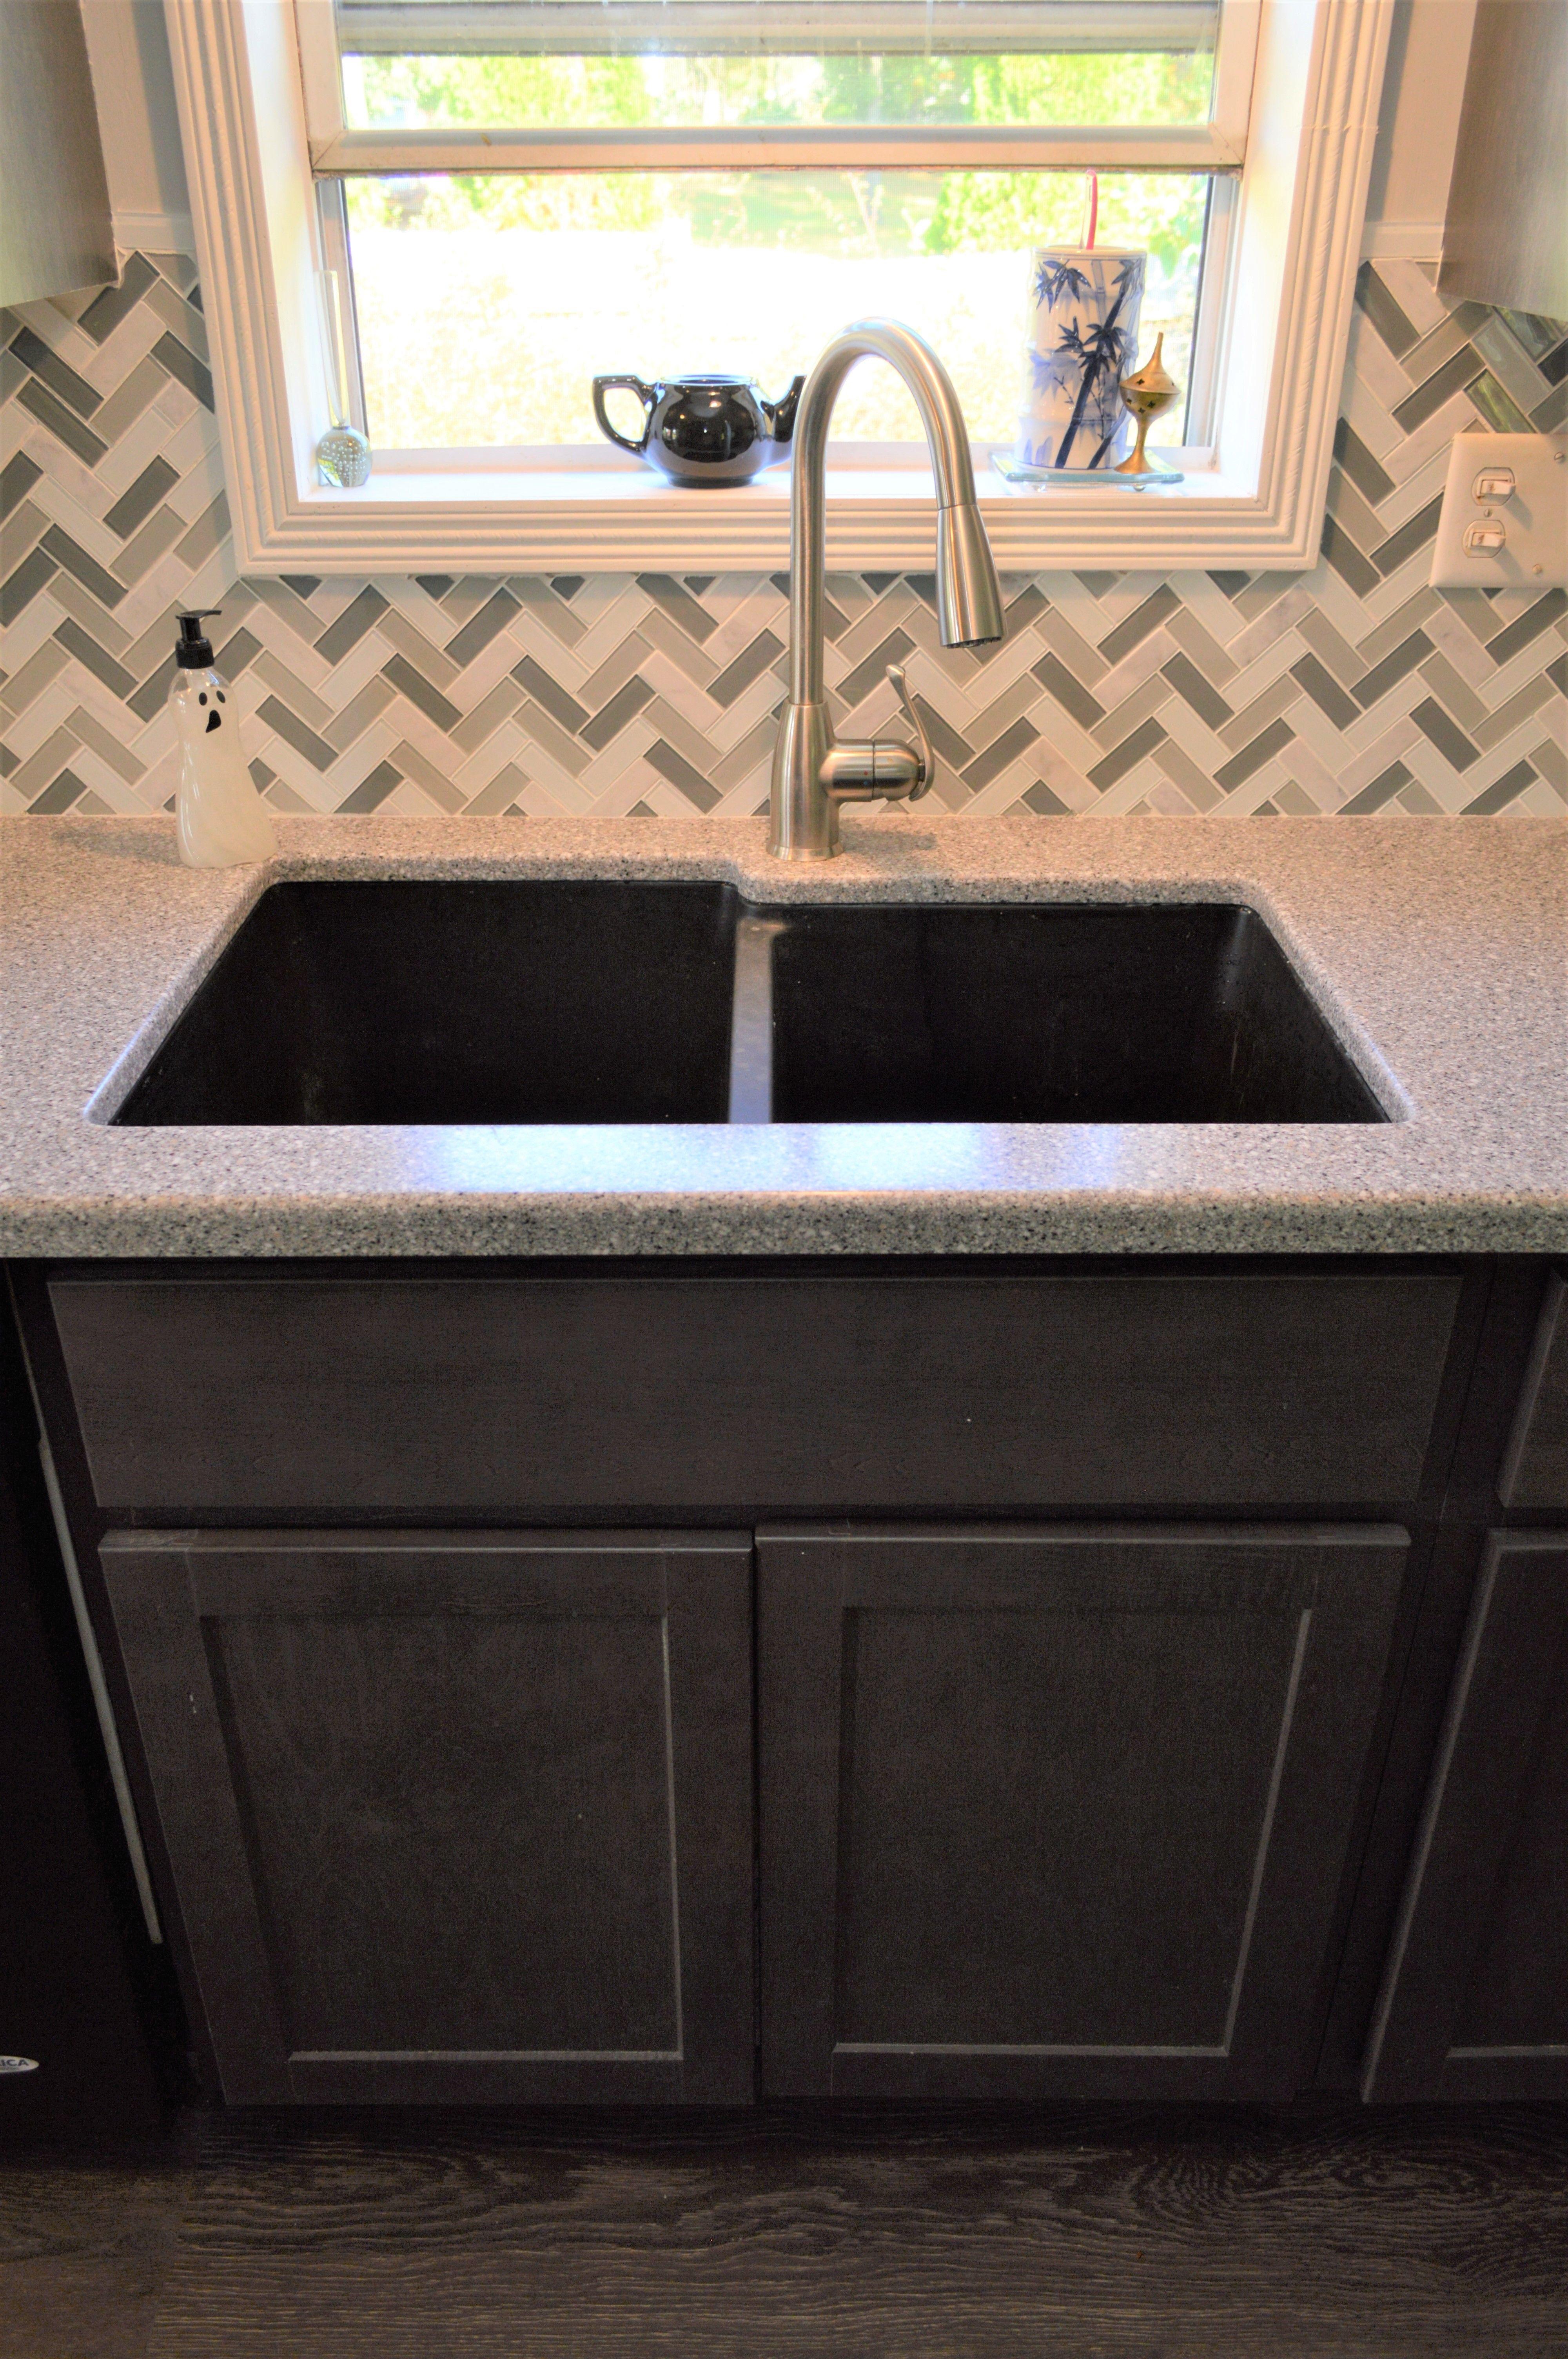 Bailey S Cabinets Pelican 60 40 Offset Quartz Undermount Sink Model Pl175onx Sink Undermount Sink Kitchen Sink